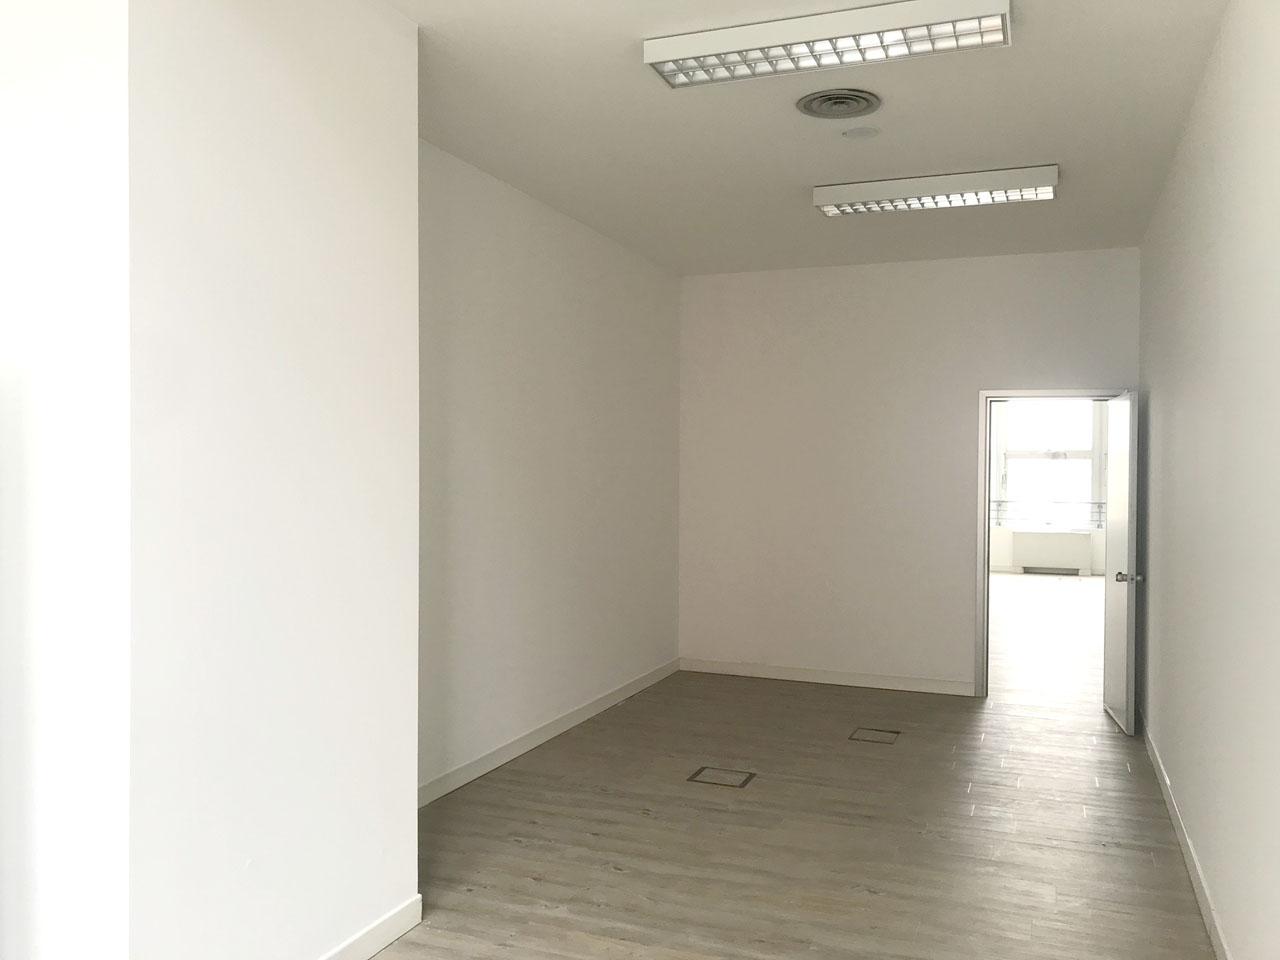 ufficio 430 mq secondo piano - Atlantic Business Center - ufficio singolo lato ovest